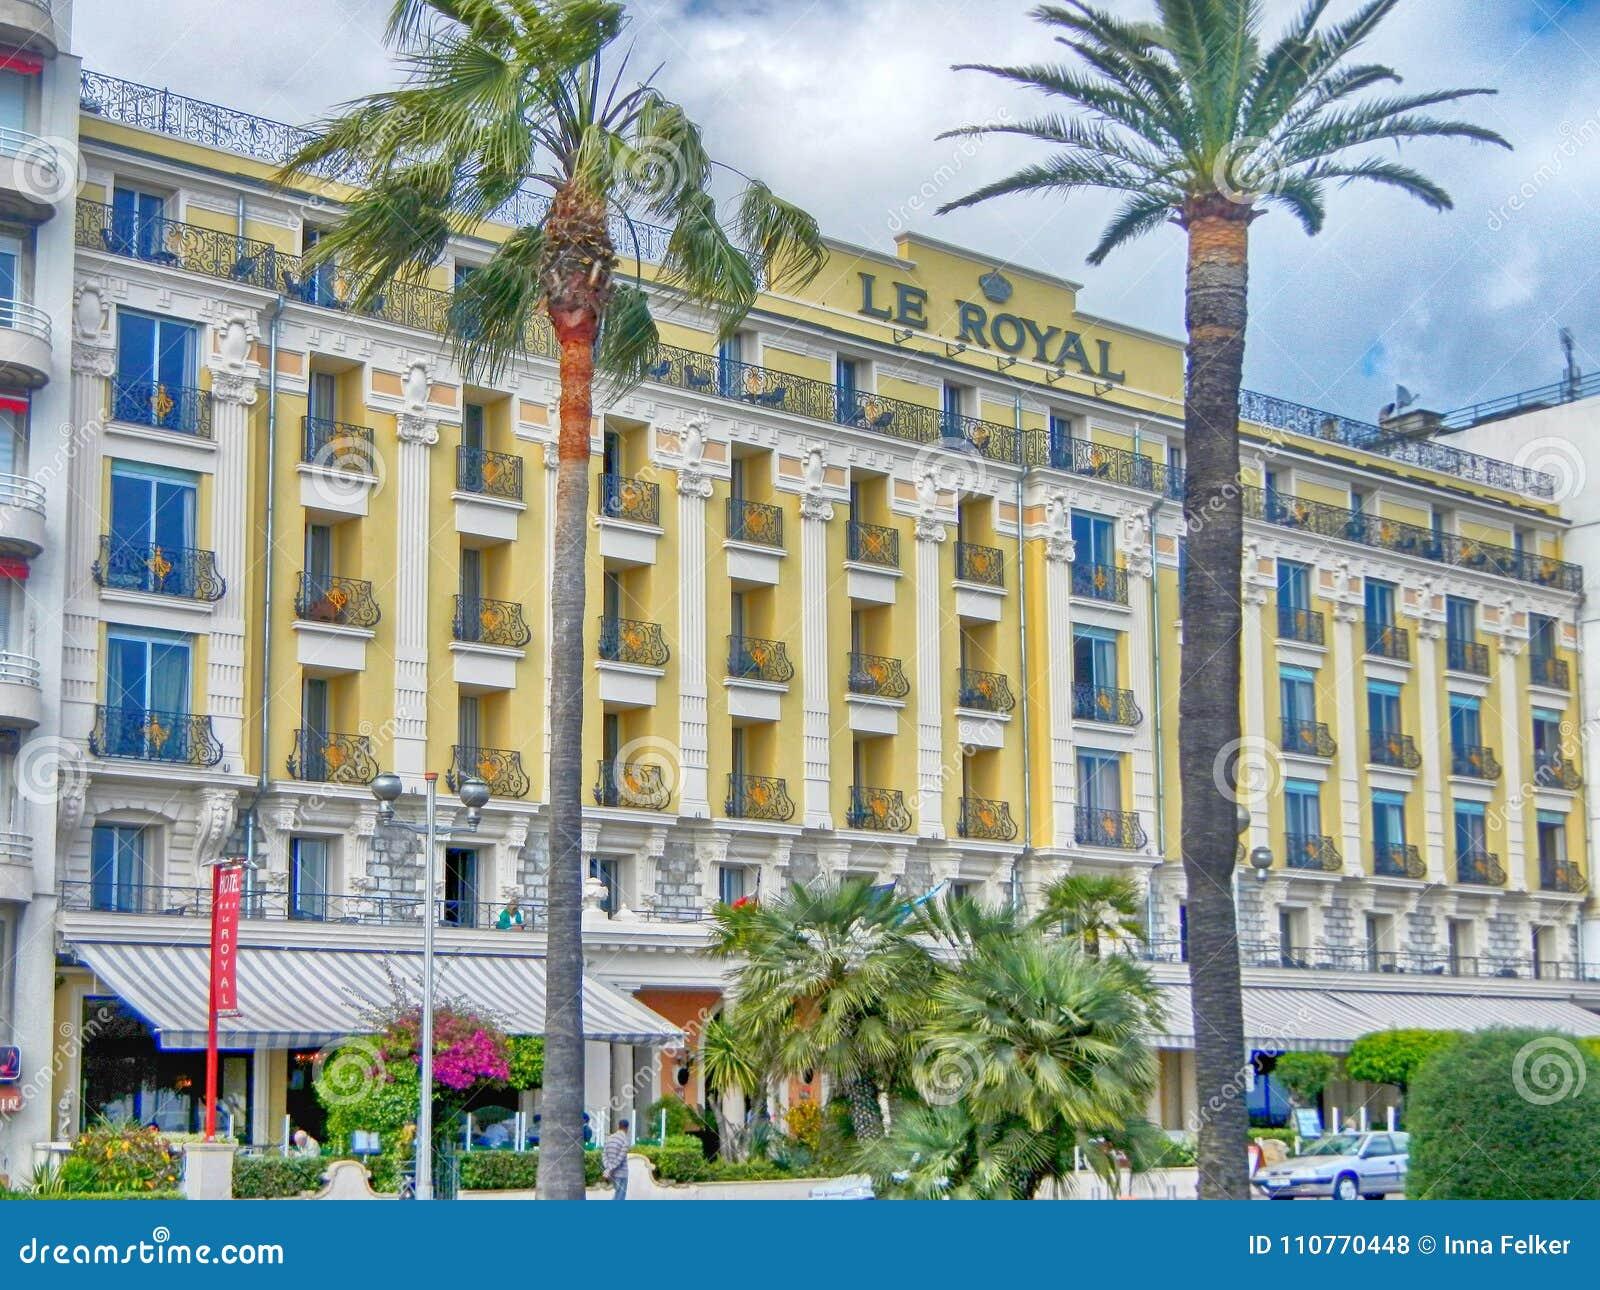 Le Królewski, trzy gwiazdy Hotelowej w Ładnym, Francja